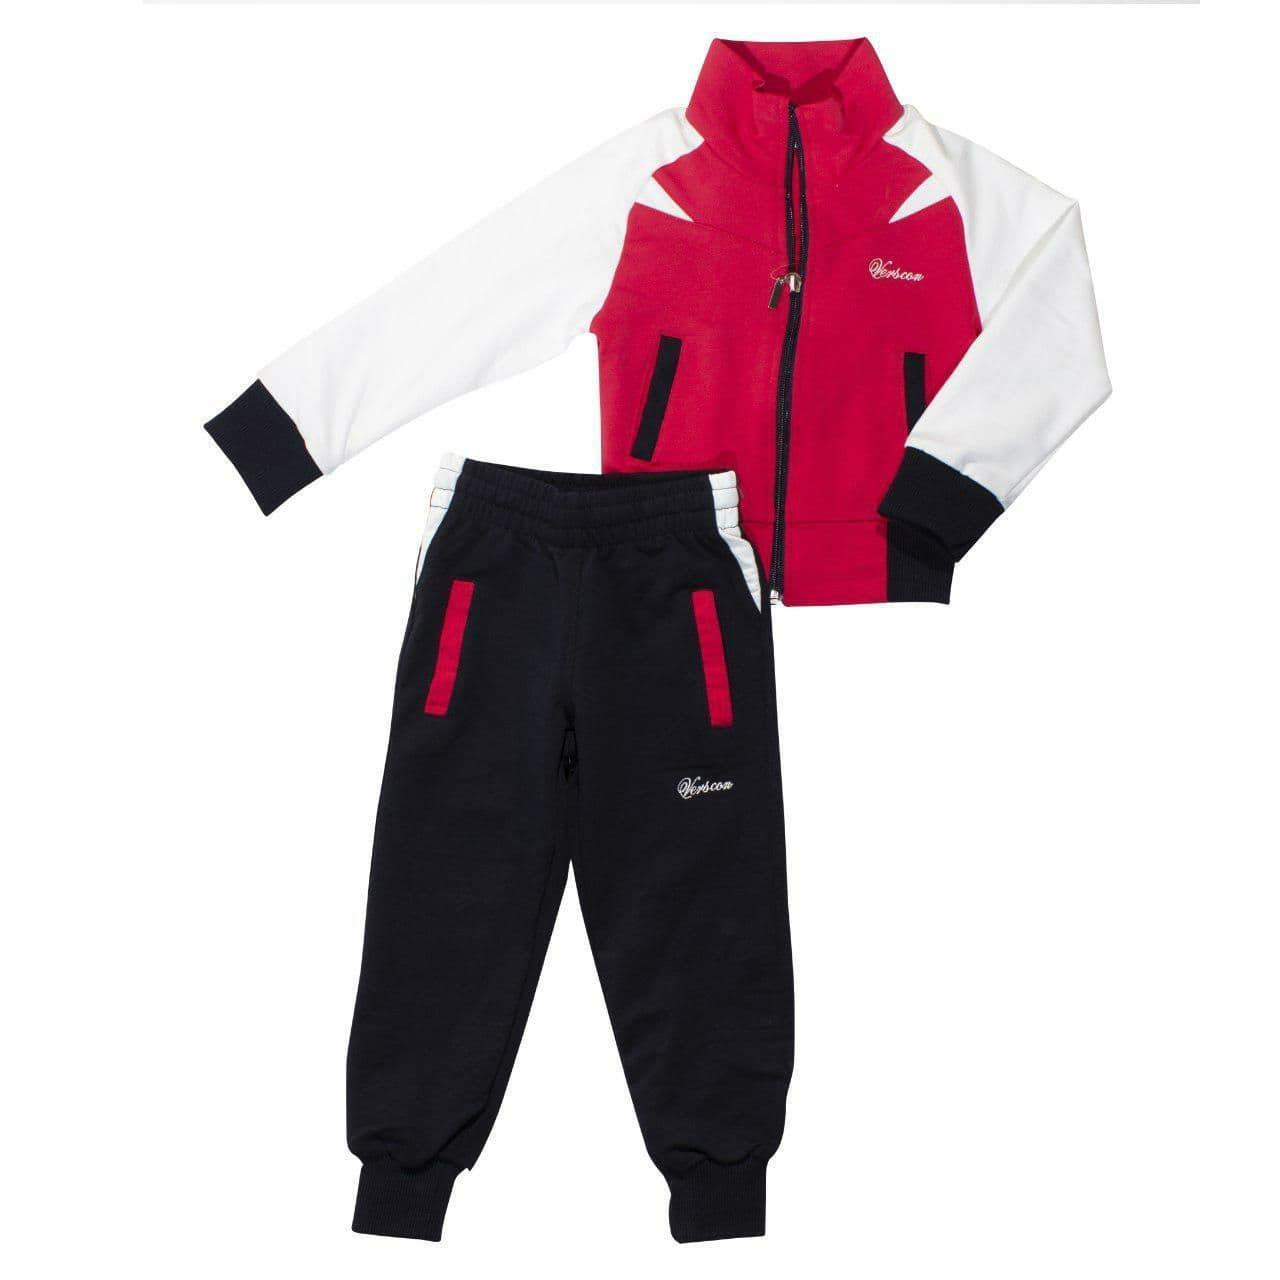 Спортивный костюм для мальчика, размеры 3 года, 5, 6, 8, 16, 17 лет